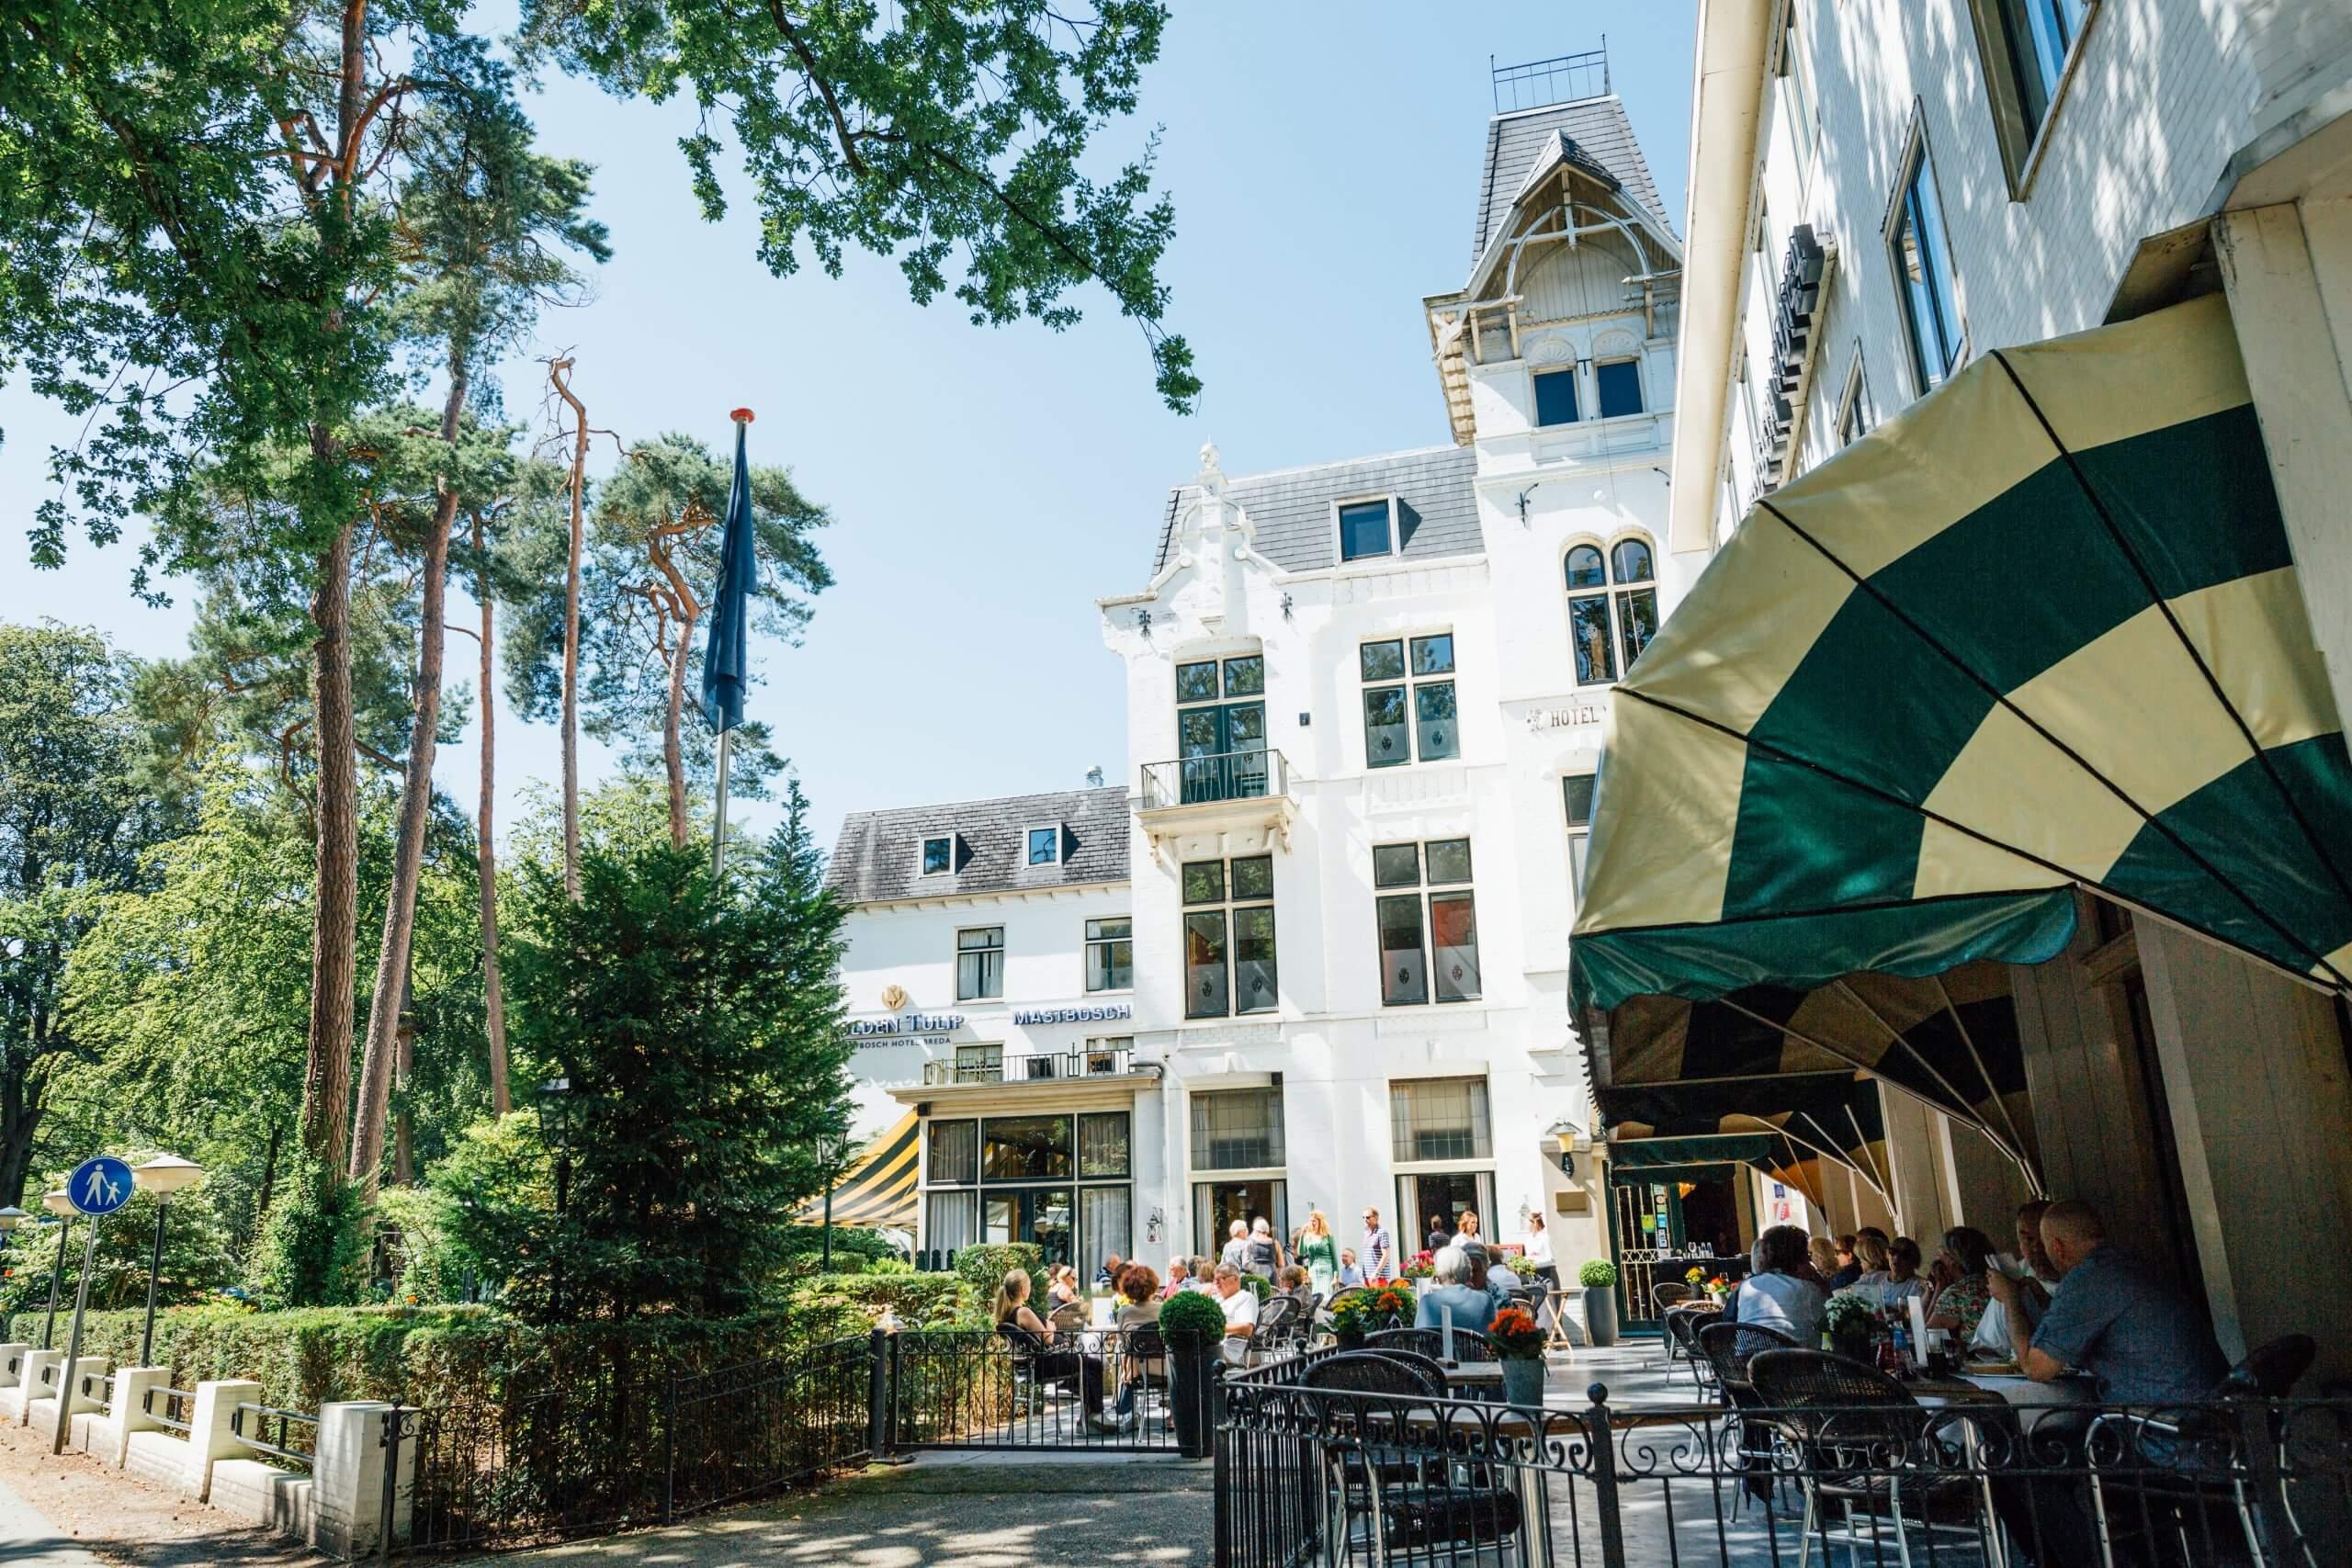 hotel mastbosch